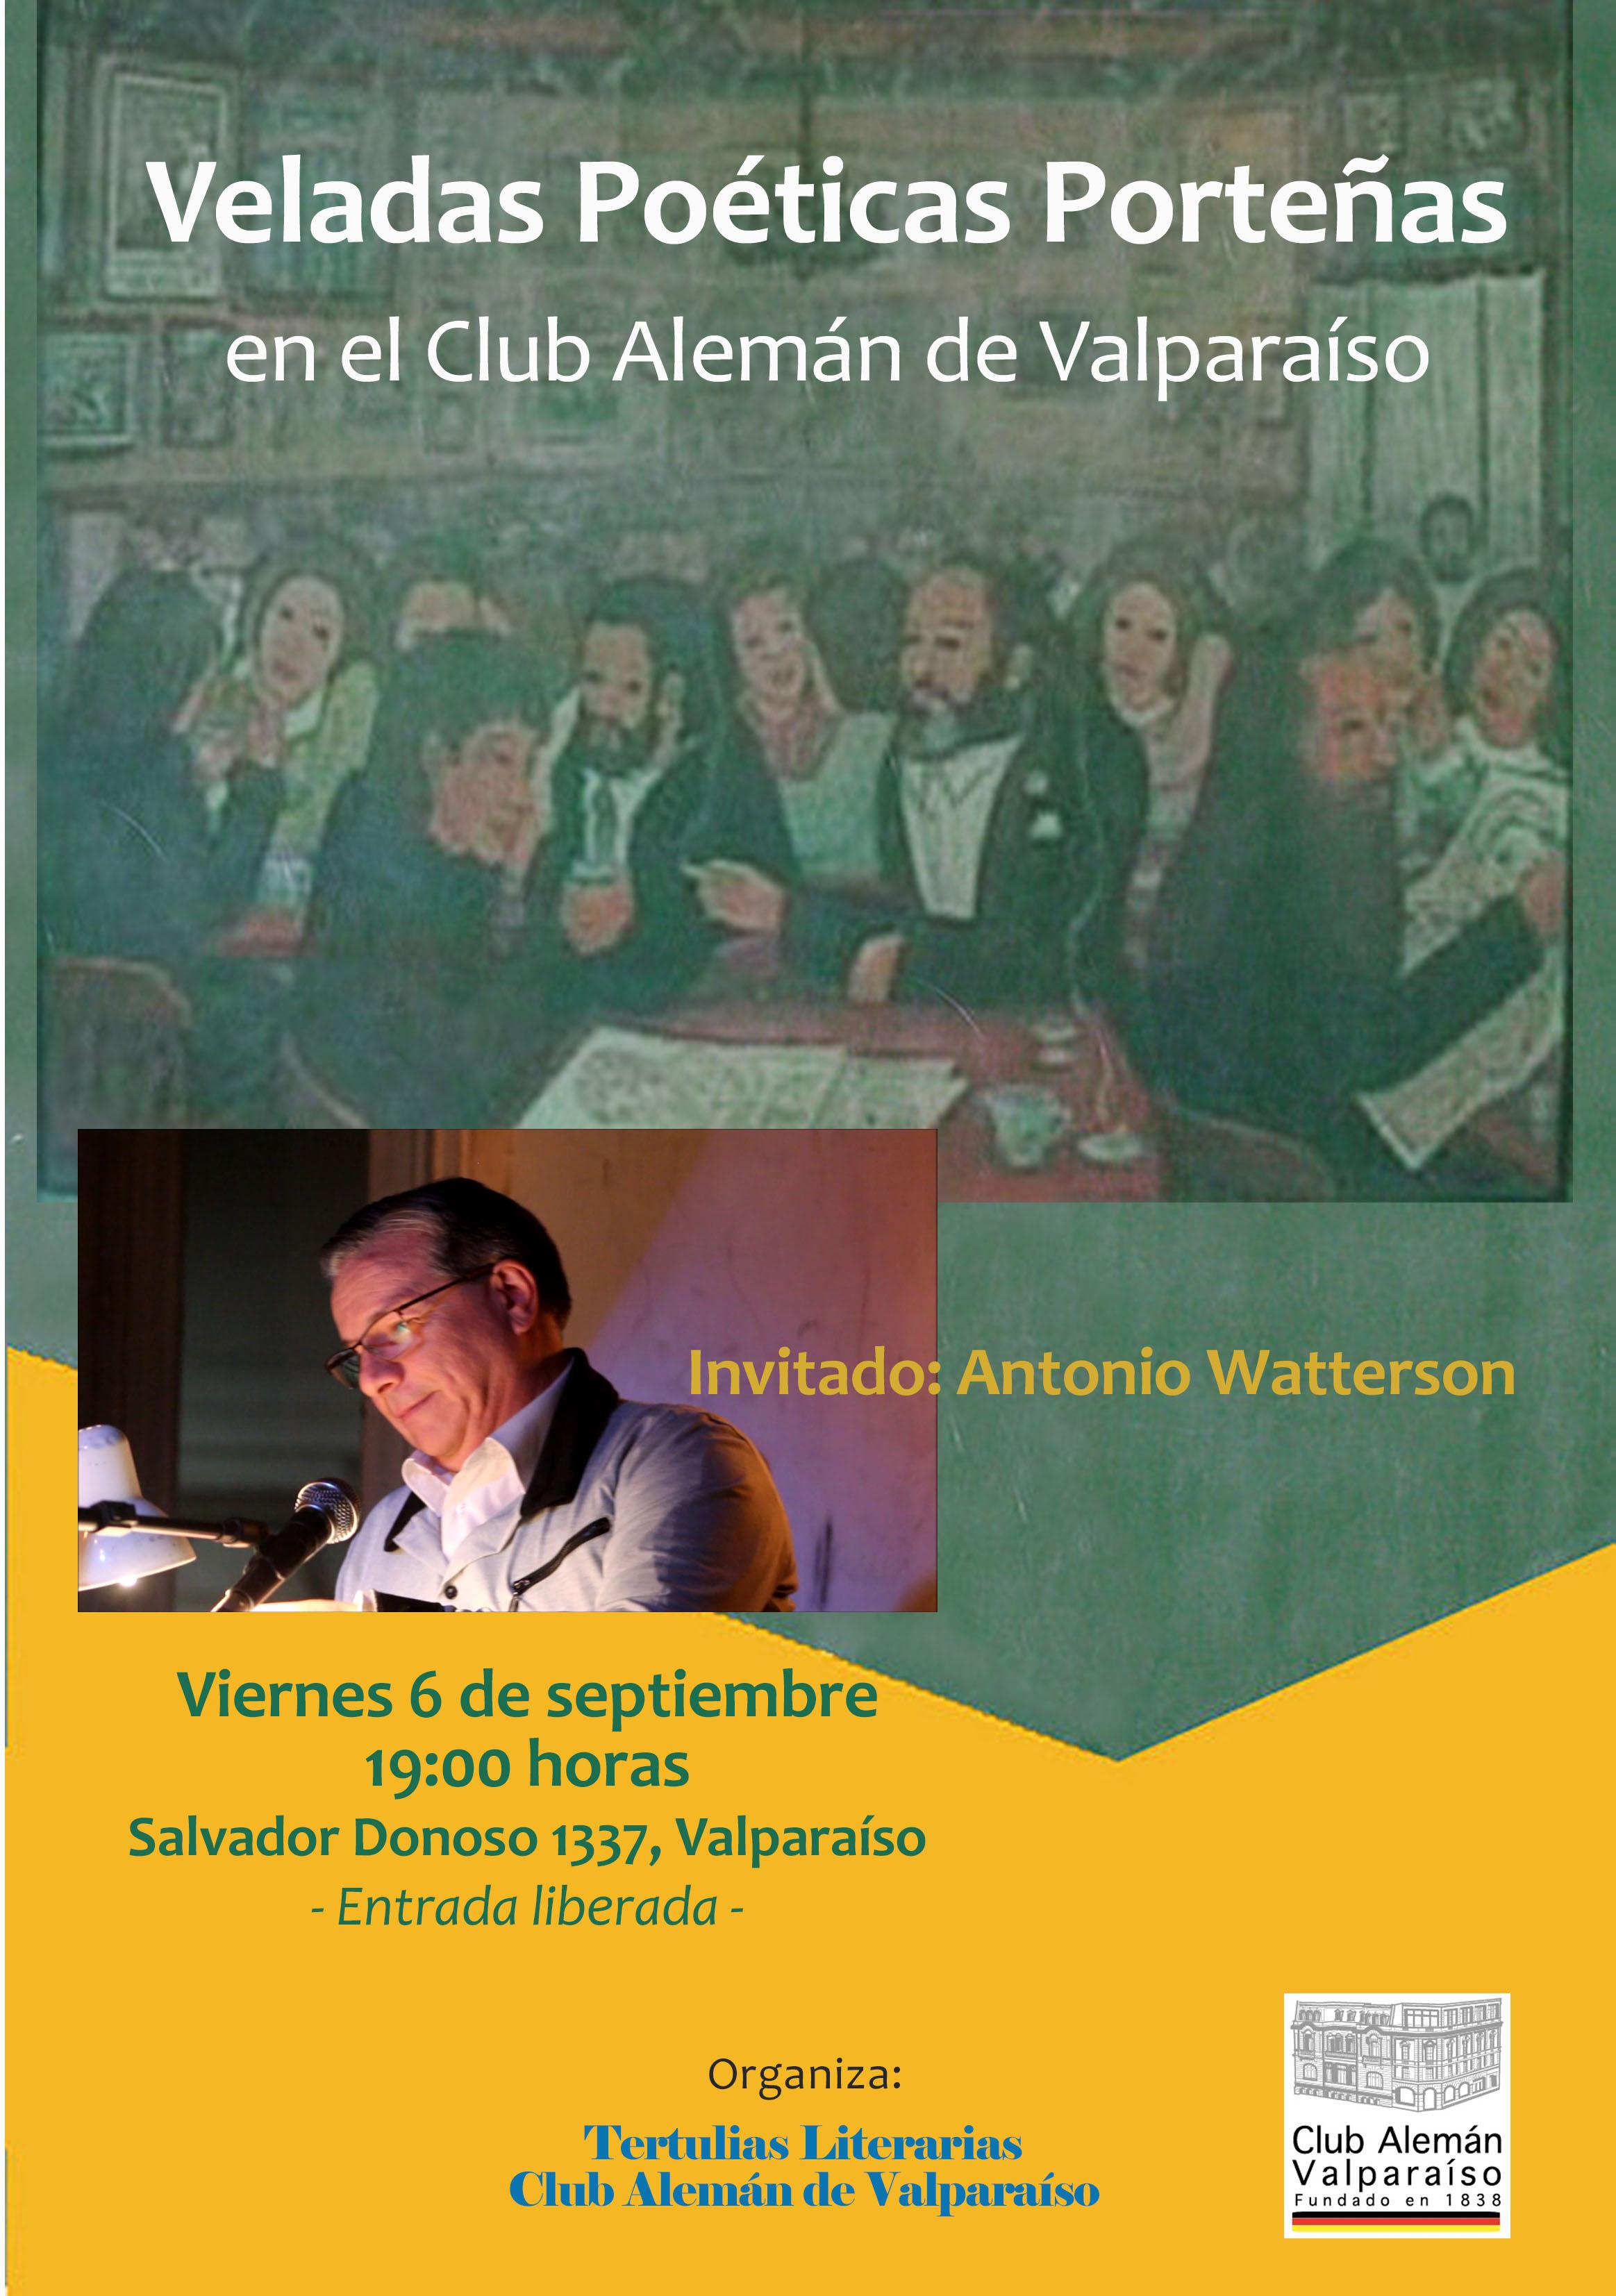 Veladas Poéticas Porteñas – Invitado: Antonio Watterson